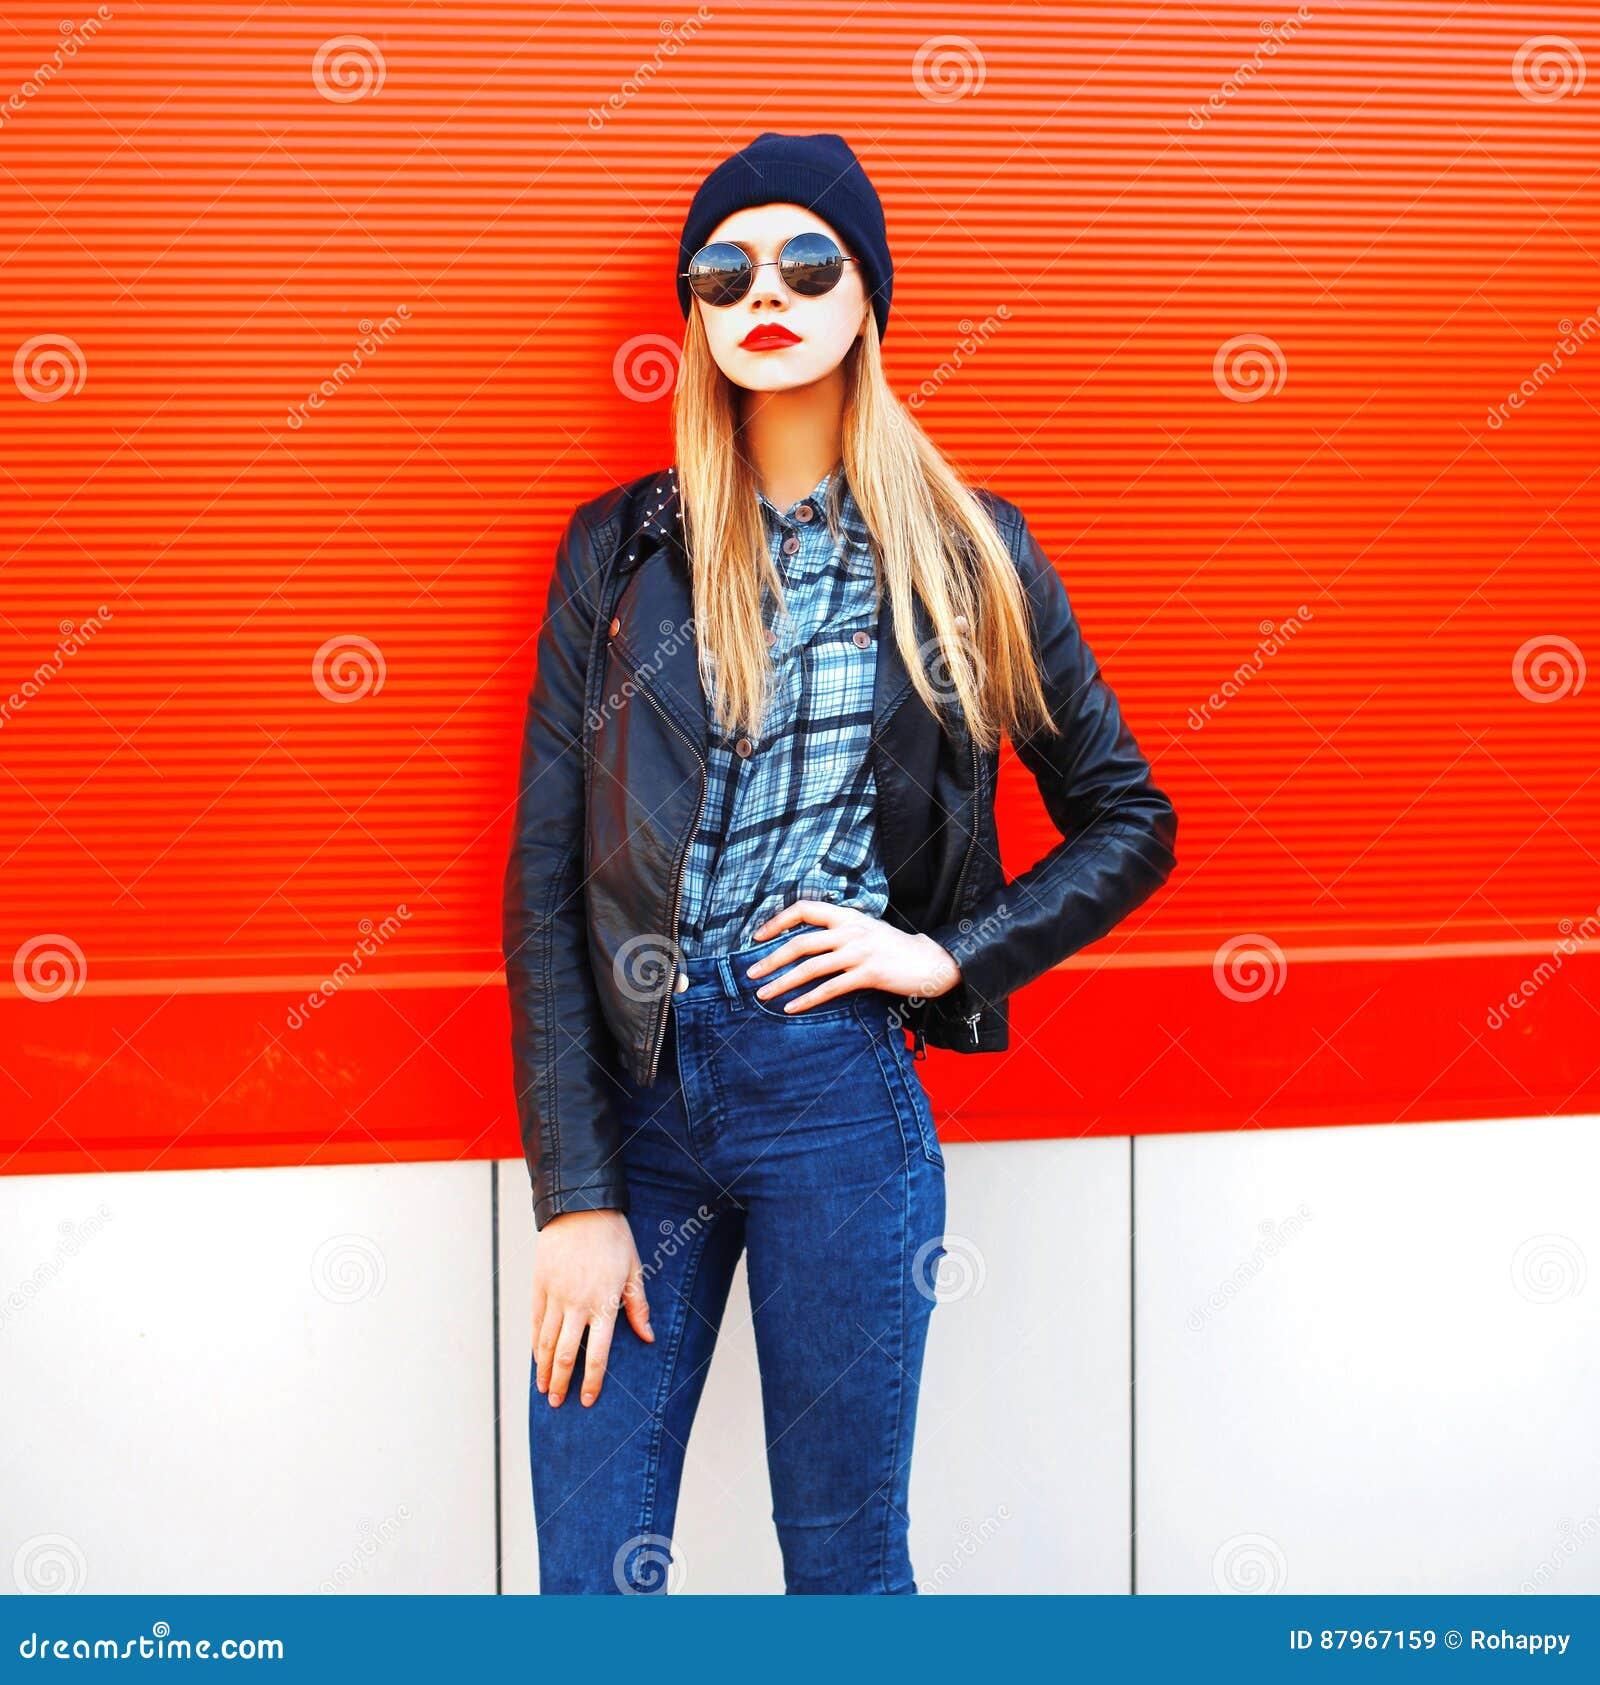 Όμορφη ξανθή γυναίκα πορτρέτου μόδας στο μαύρο ύφος βράχου σε ένα κόκκινο υπόβαθρο στην πόλη